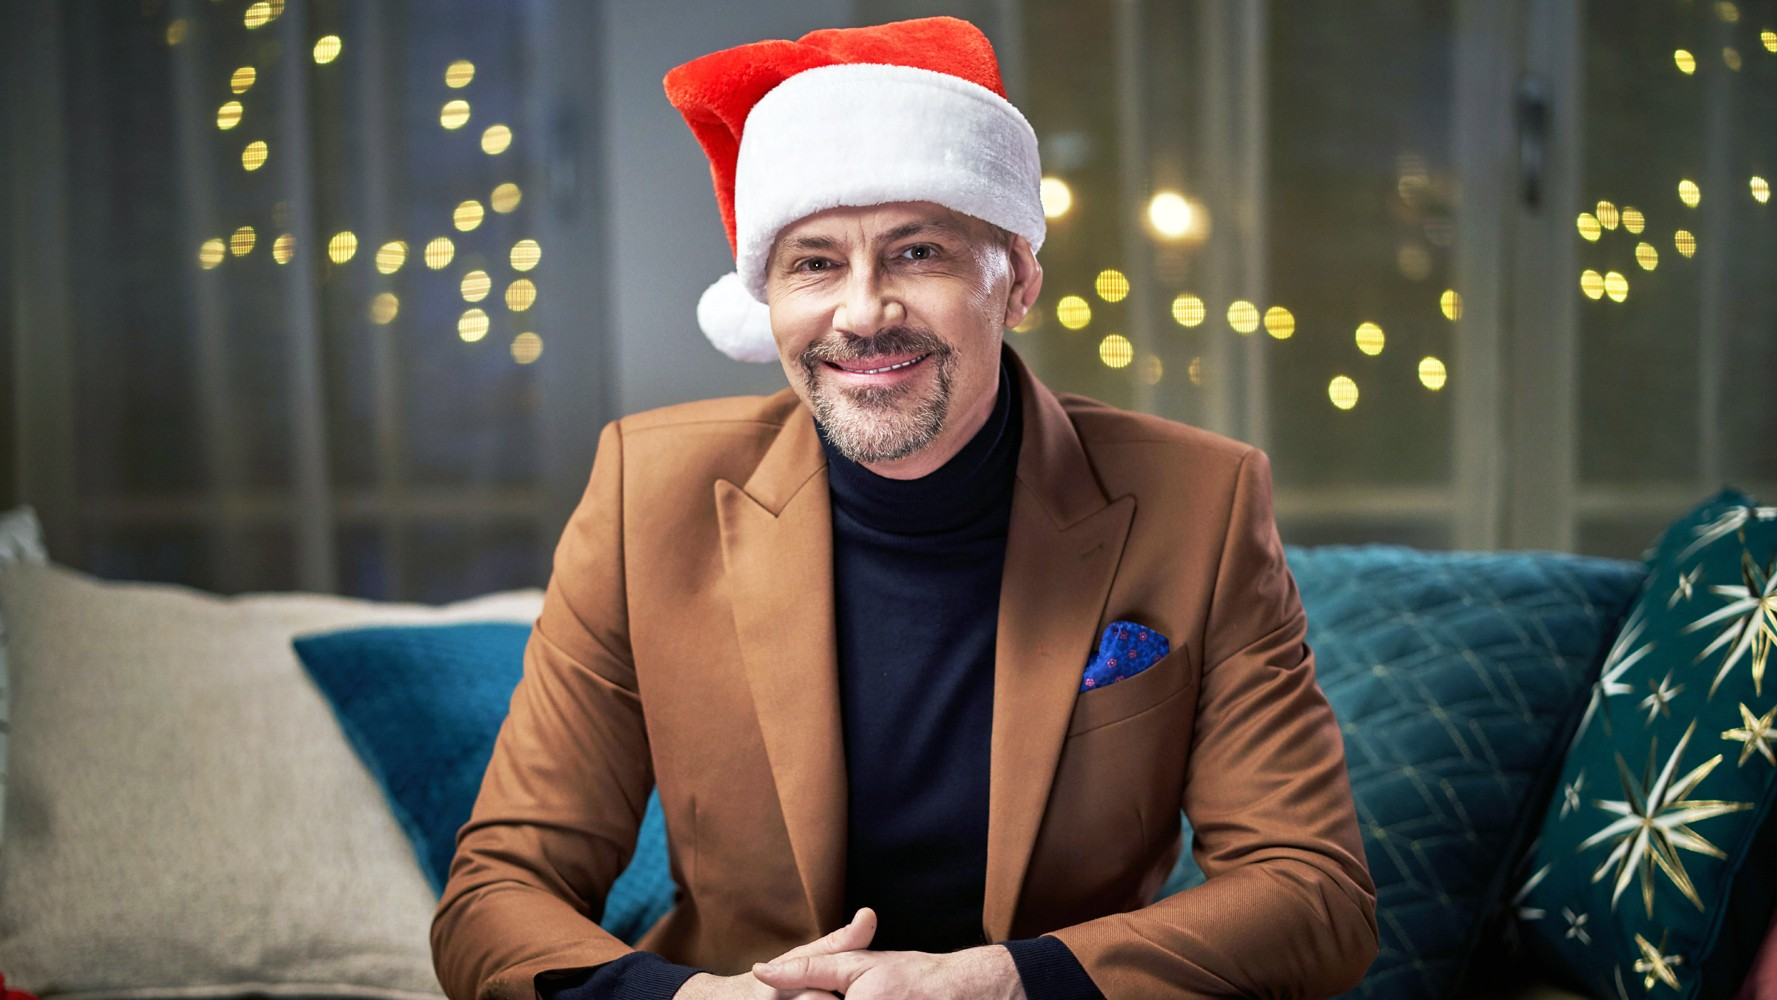 Mikołajkowy Blok Reklamowy 2019. Bardzo dziękujemy! - Polsat.pl